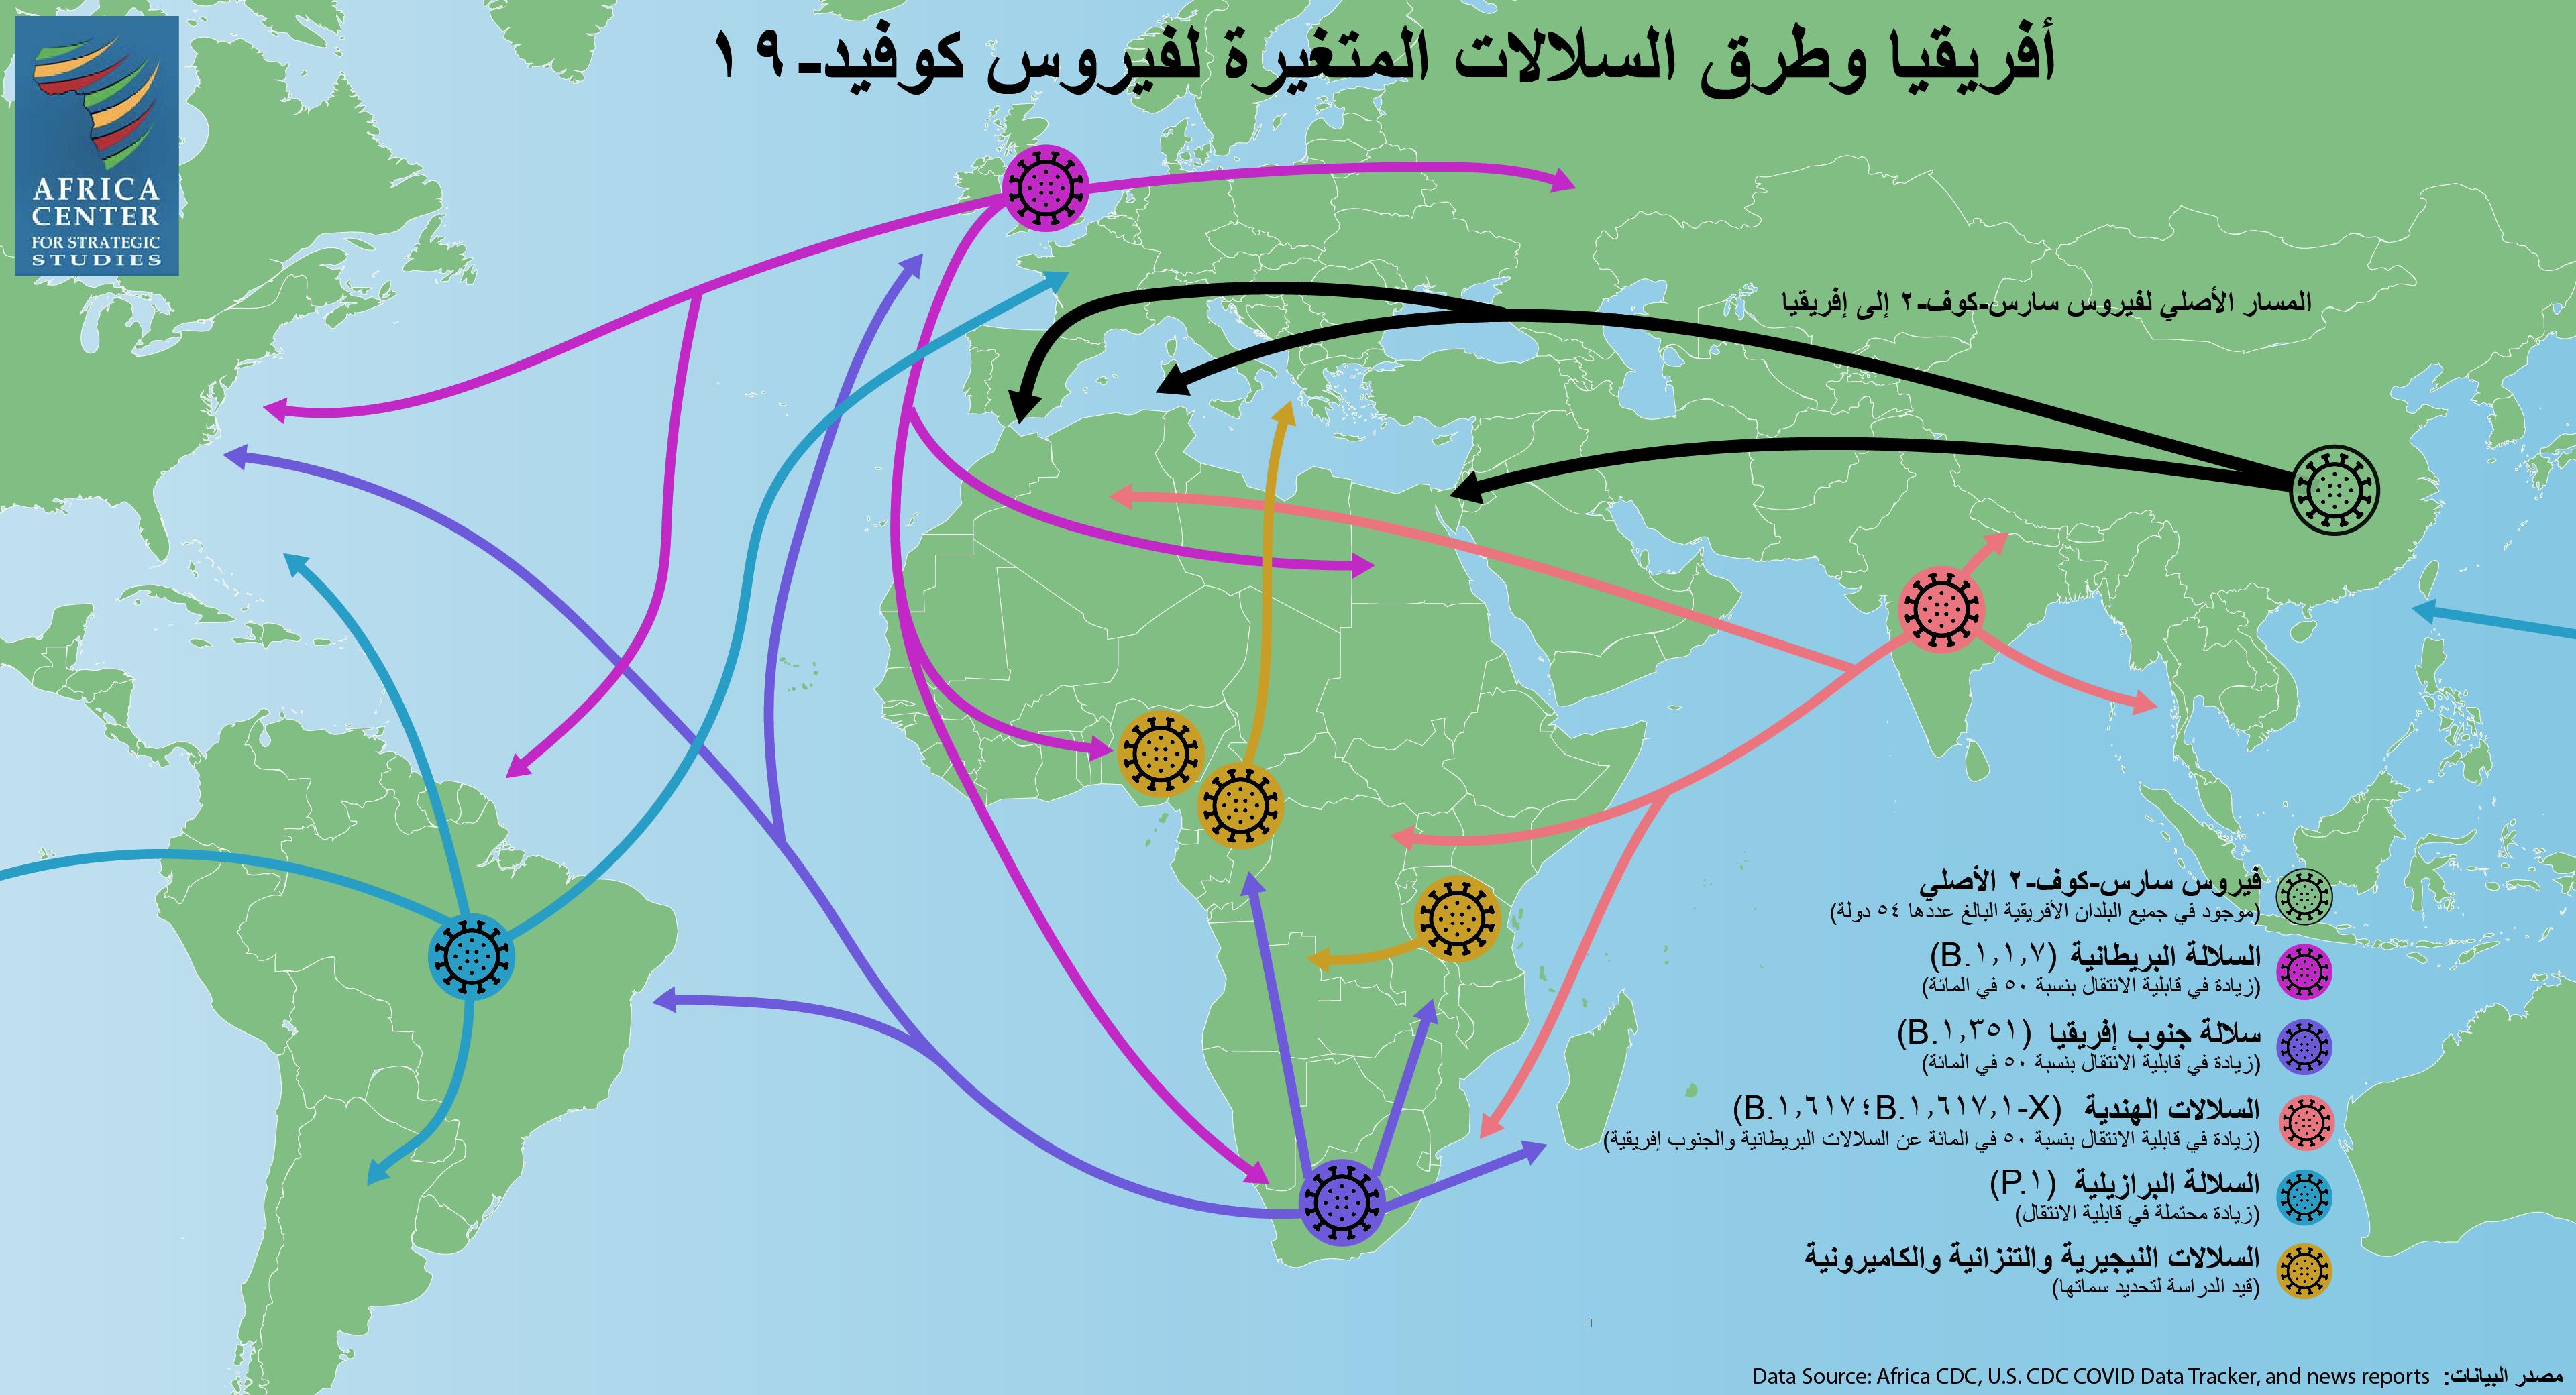 أفريقيا وطرق السلالات المتغيرة لفيروس كوفيد-19